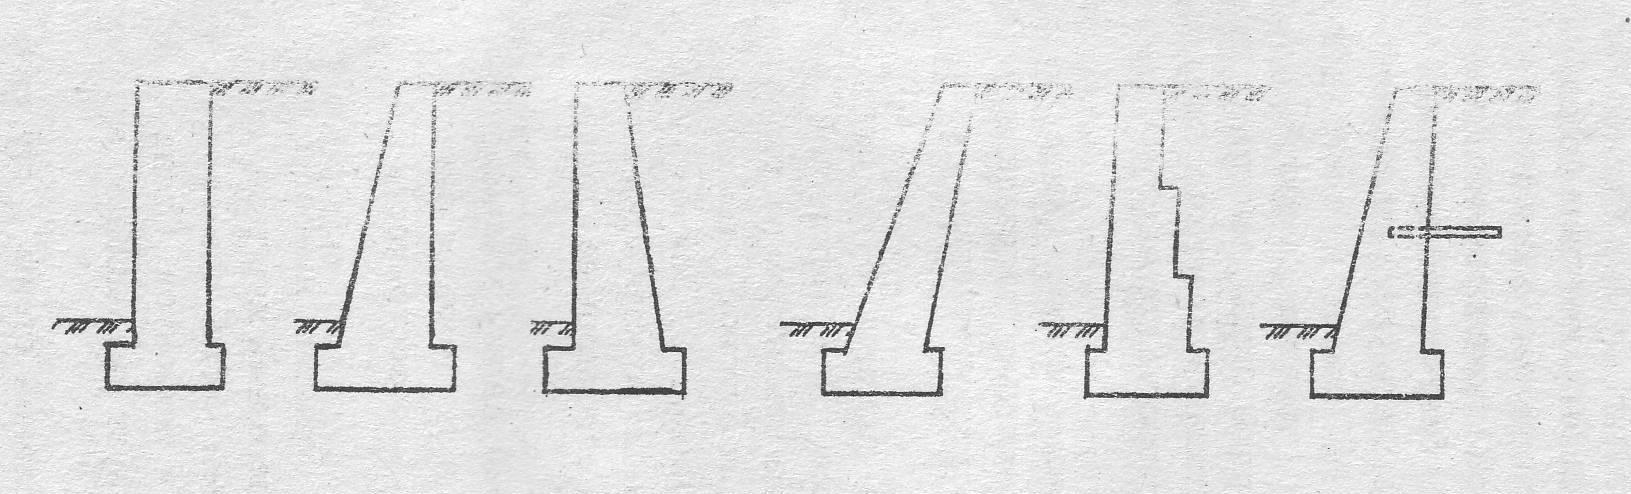 Типовая серия подпорные стенки пл